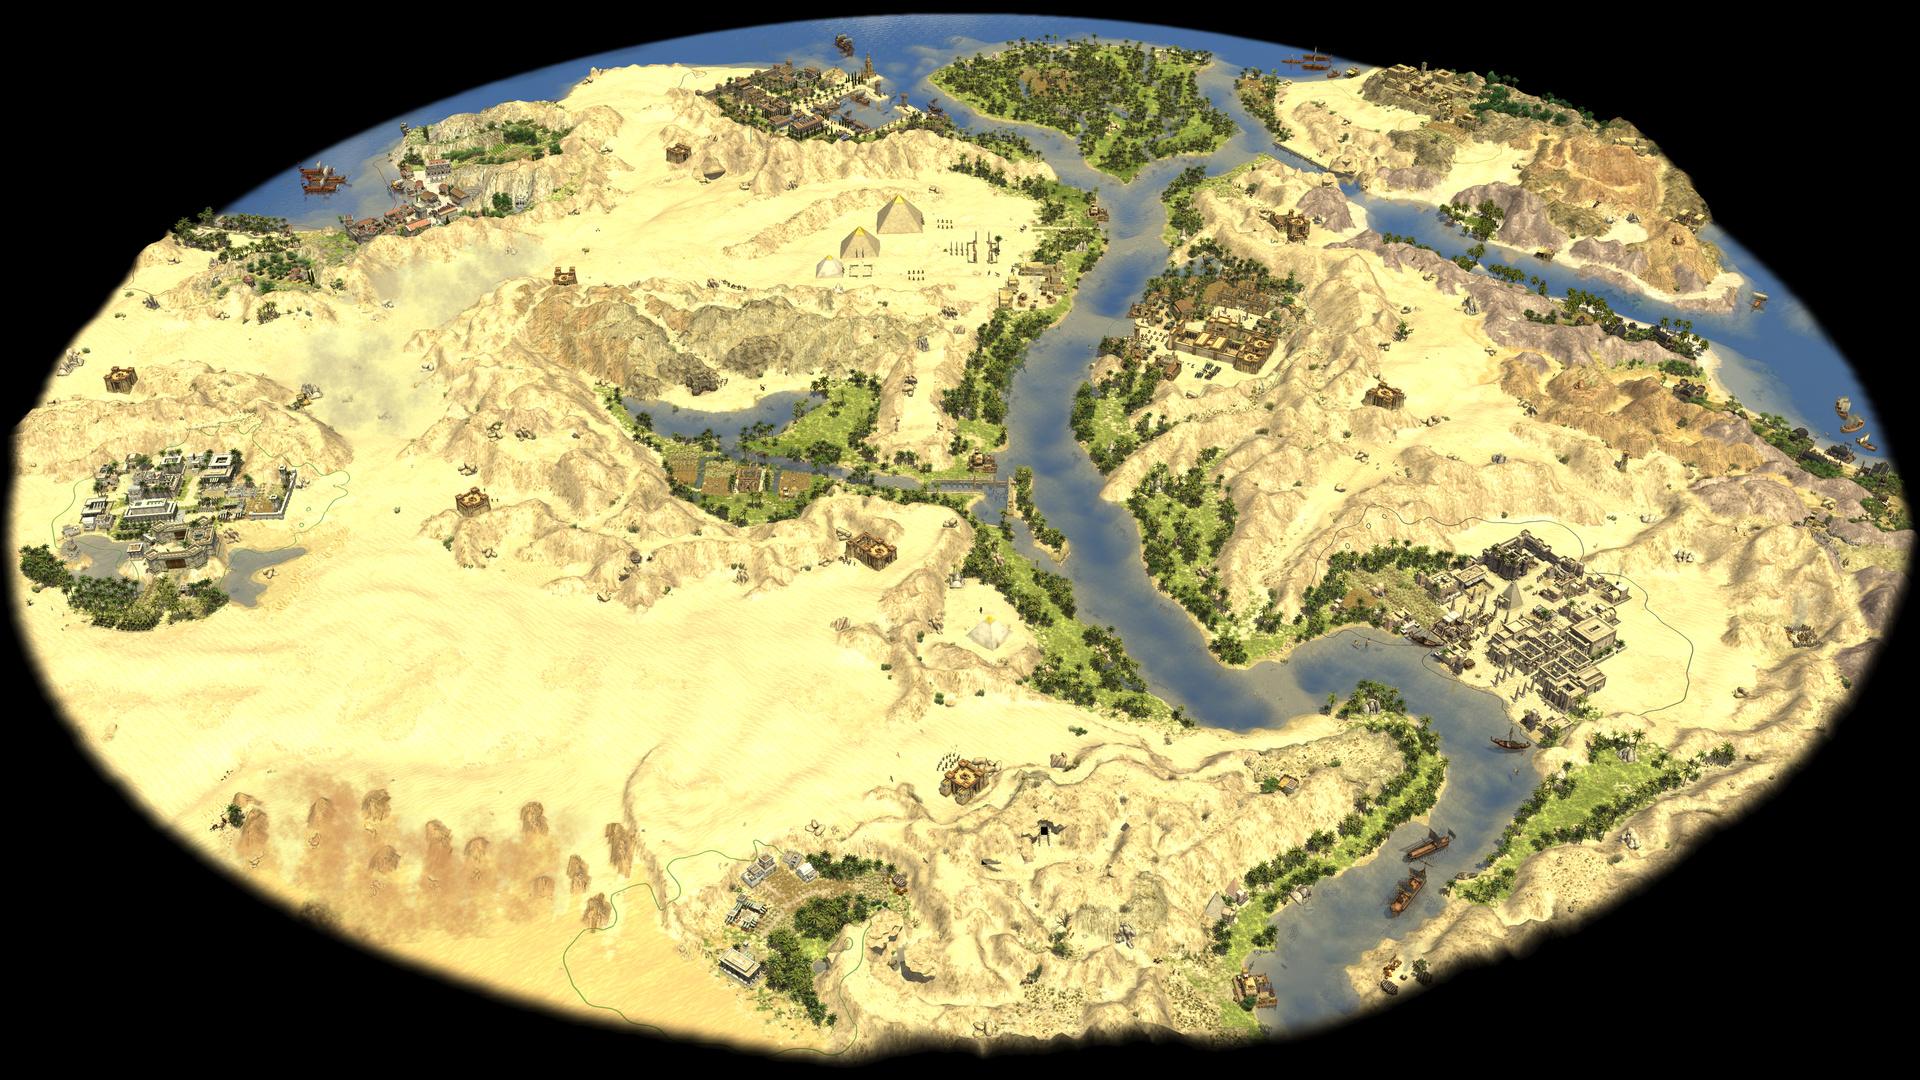 u201cEgyptu201d 6 players comes with prebuilt cities